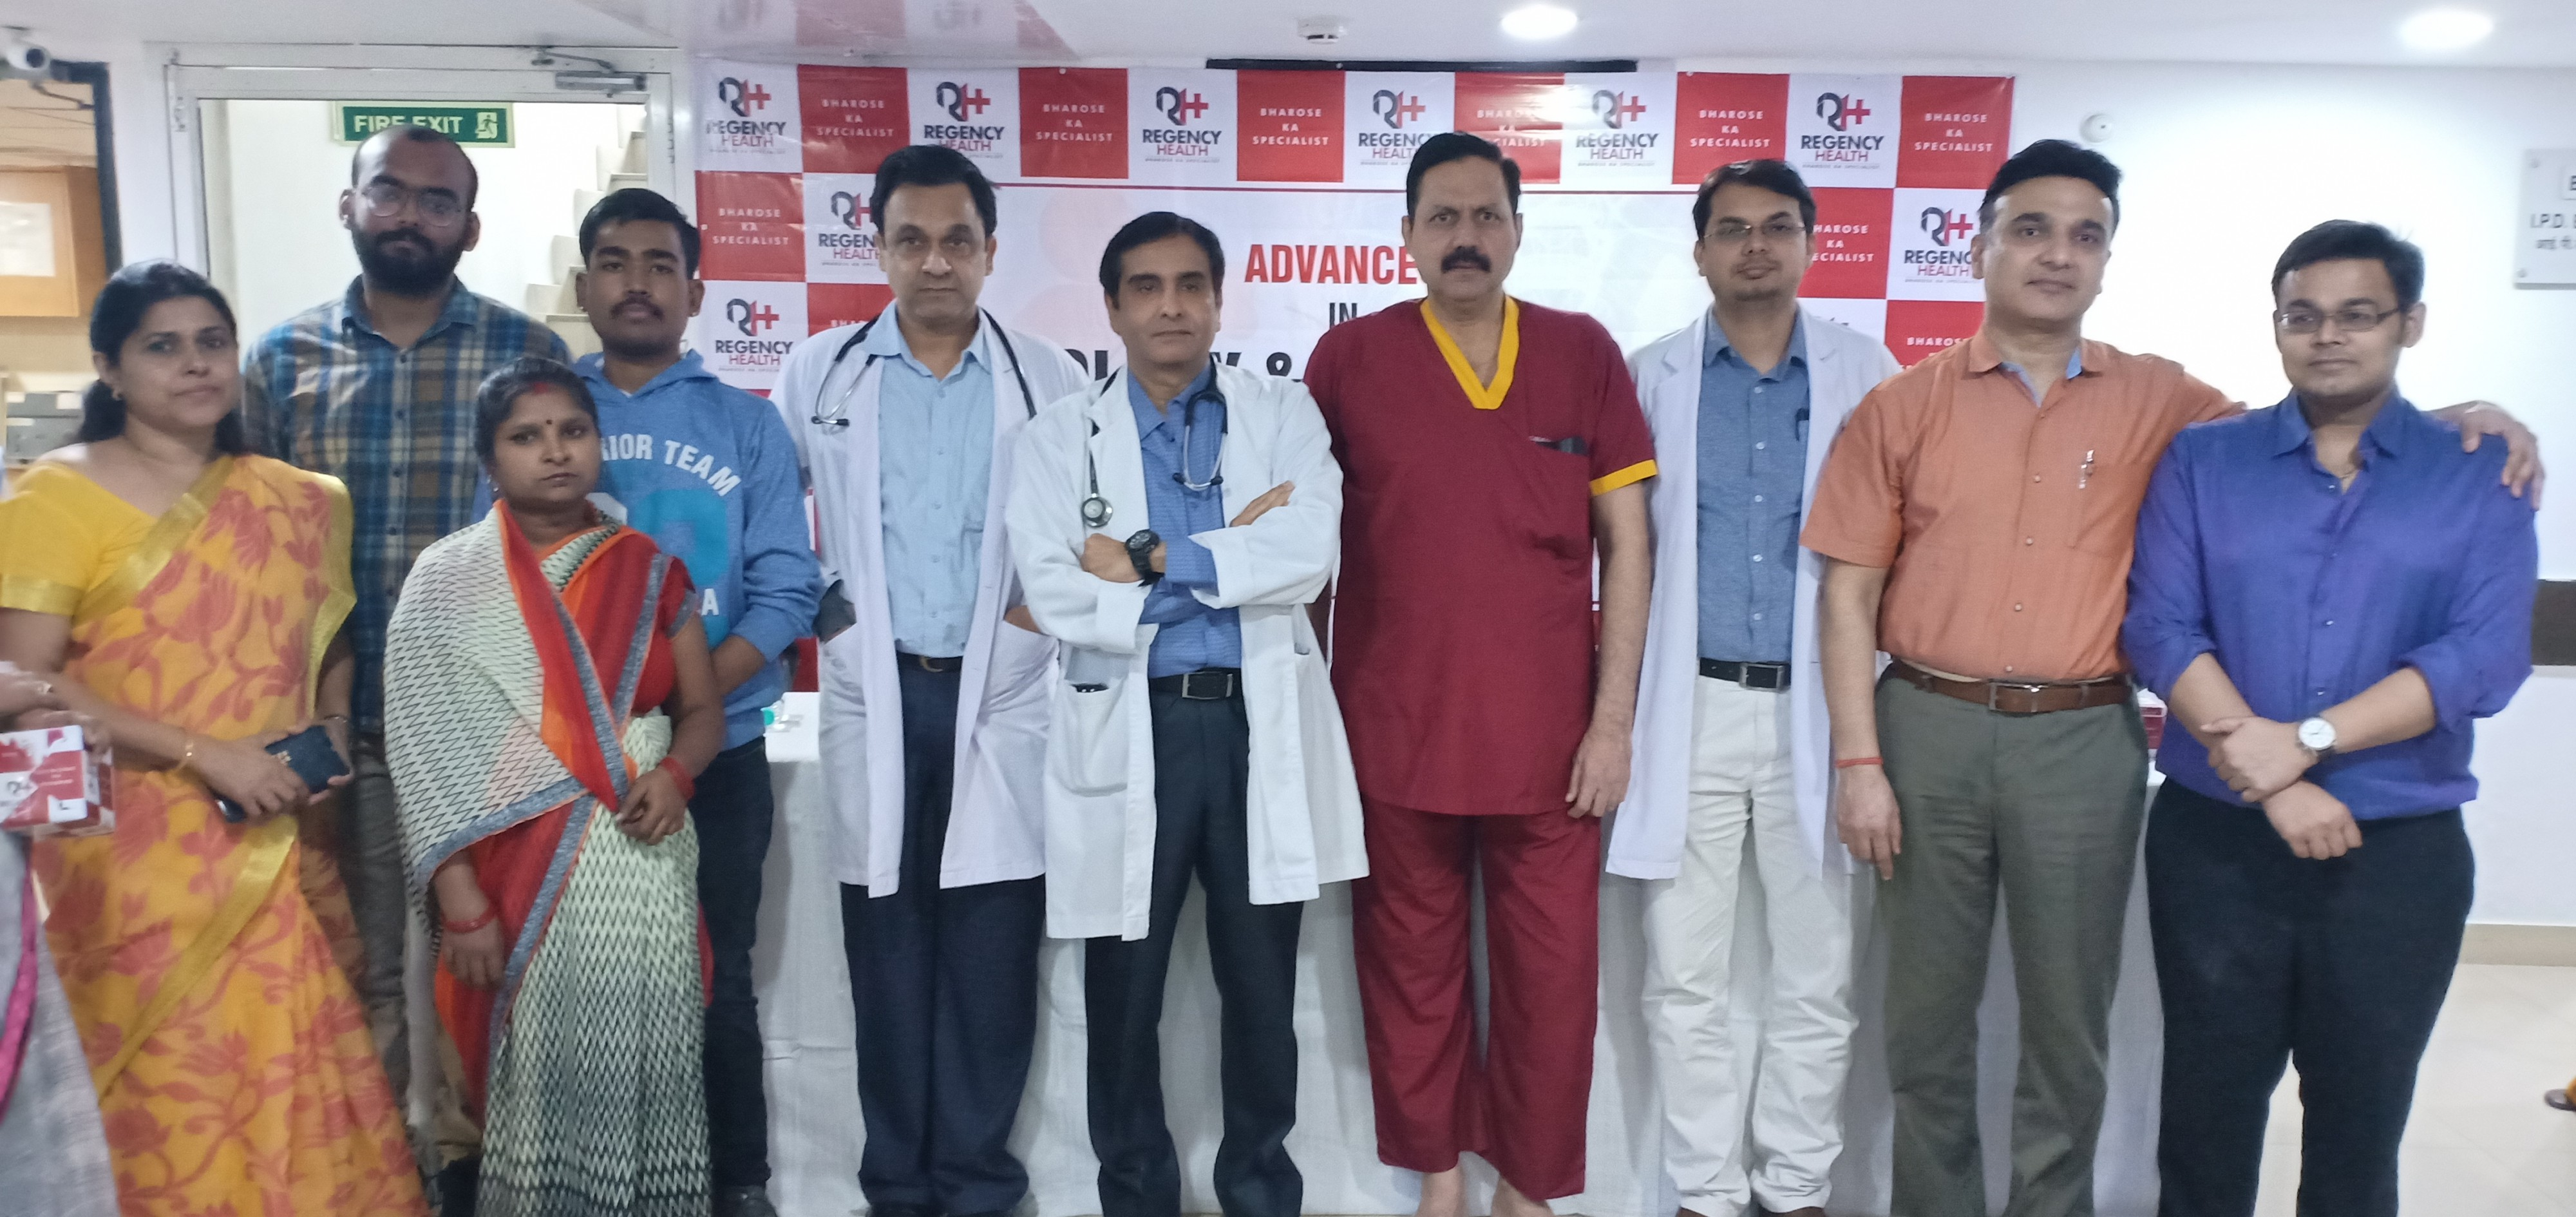 Team Regency Health